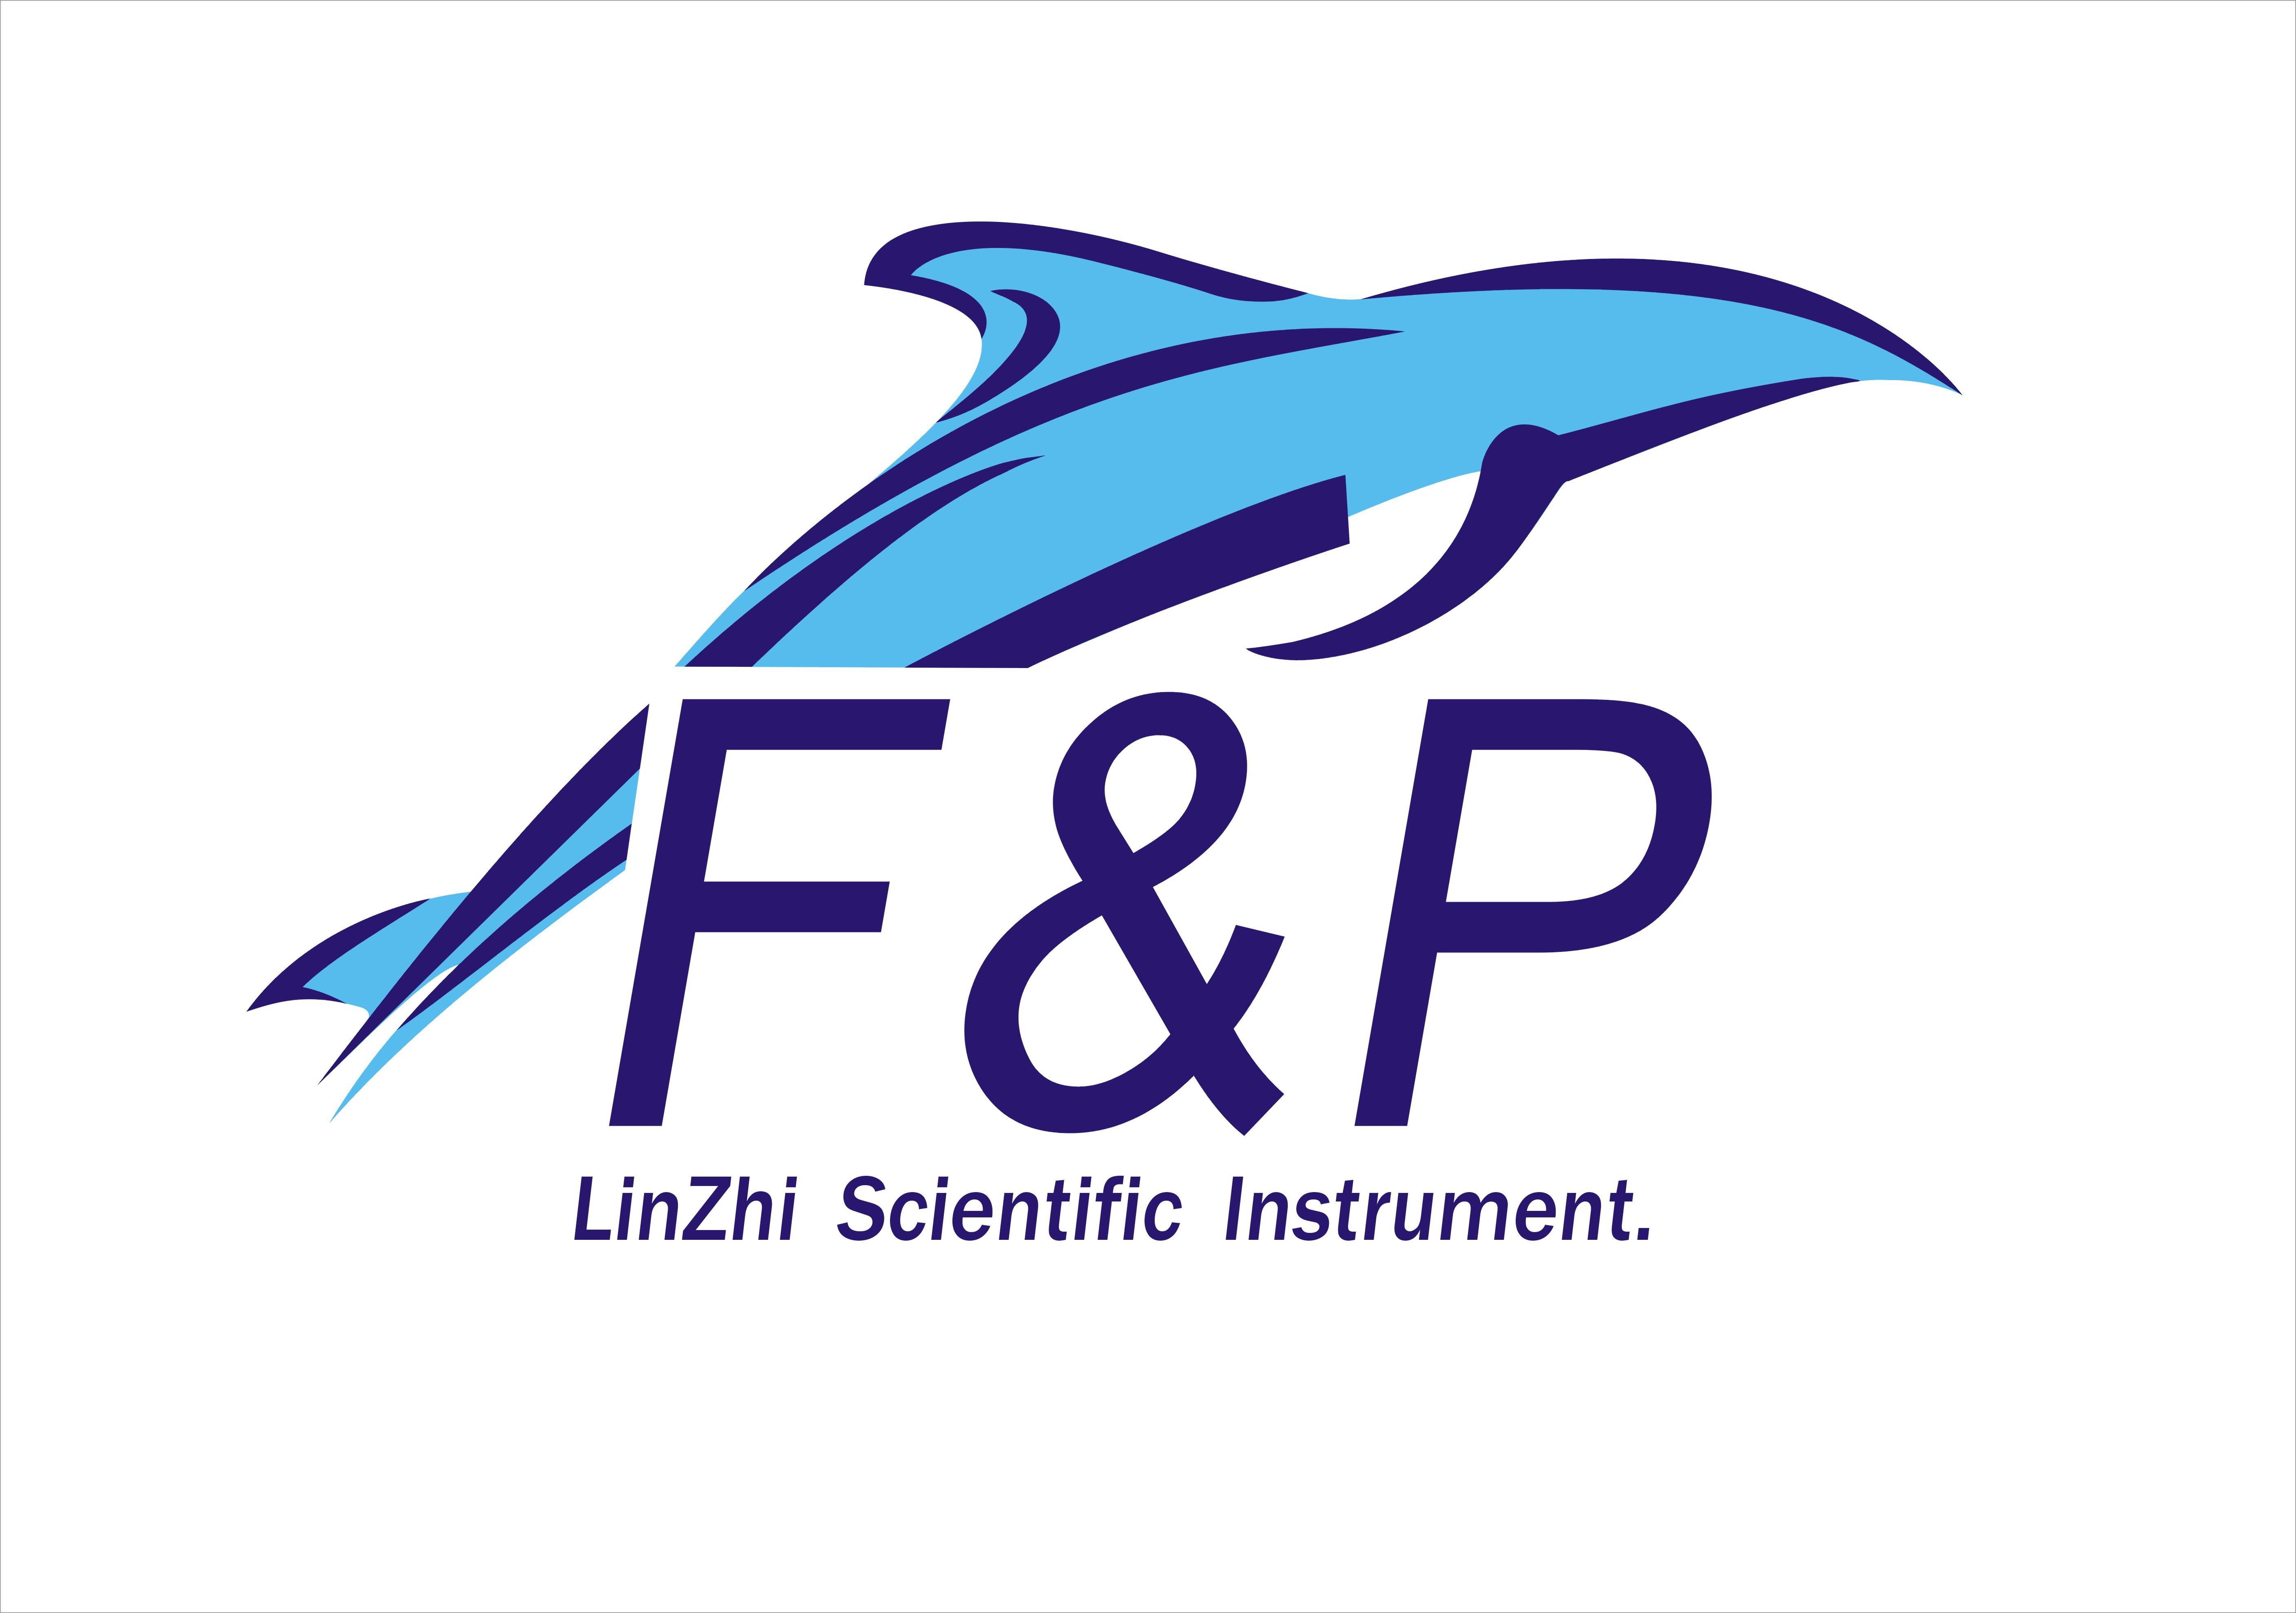 上海林纸科学仪器有限公司最新招聘信息